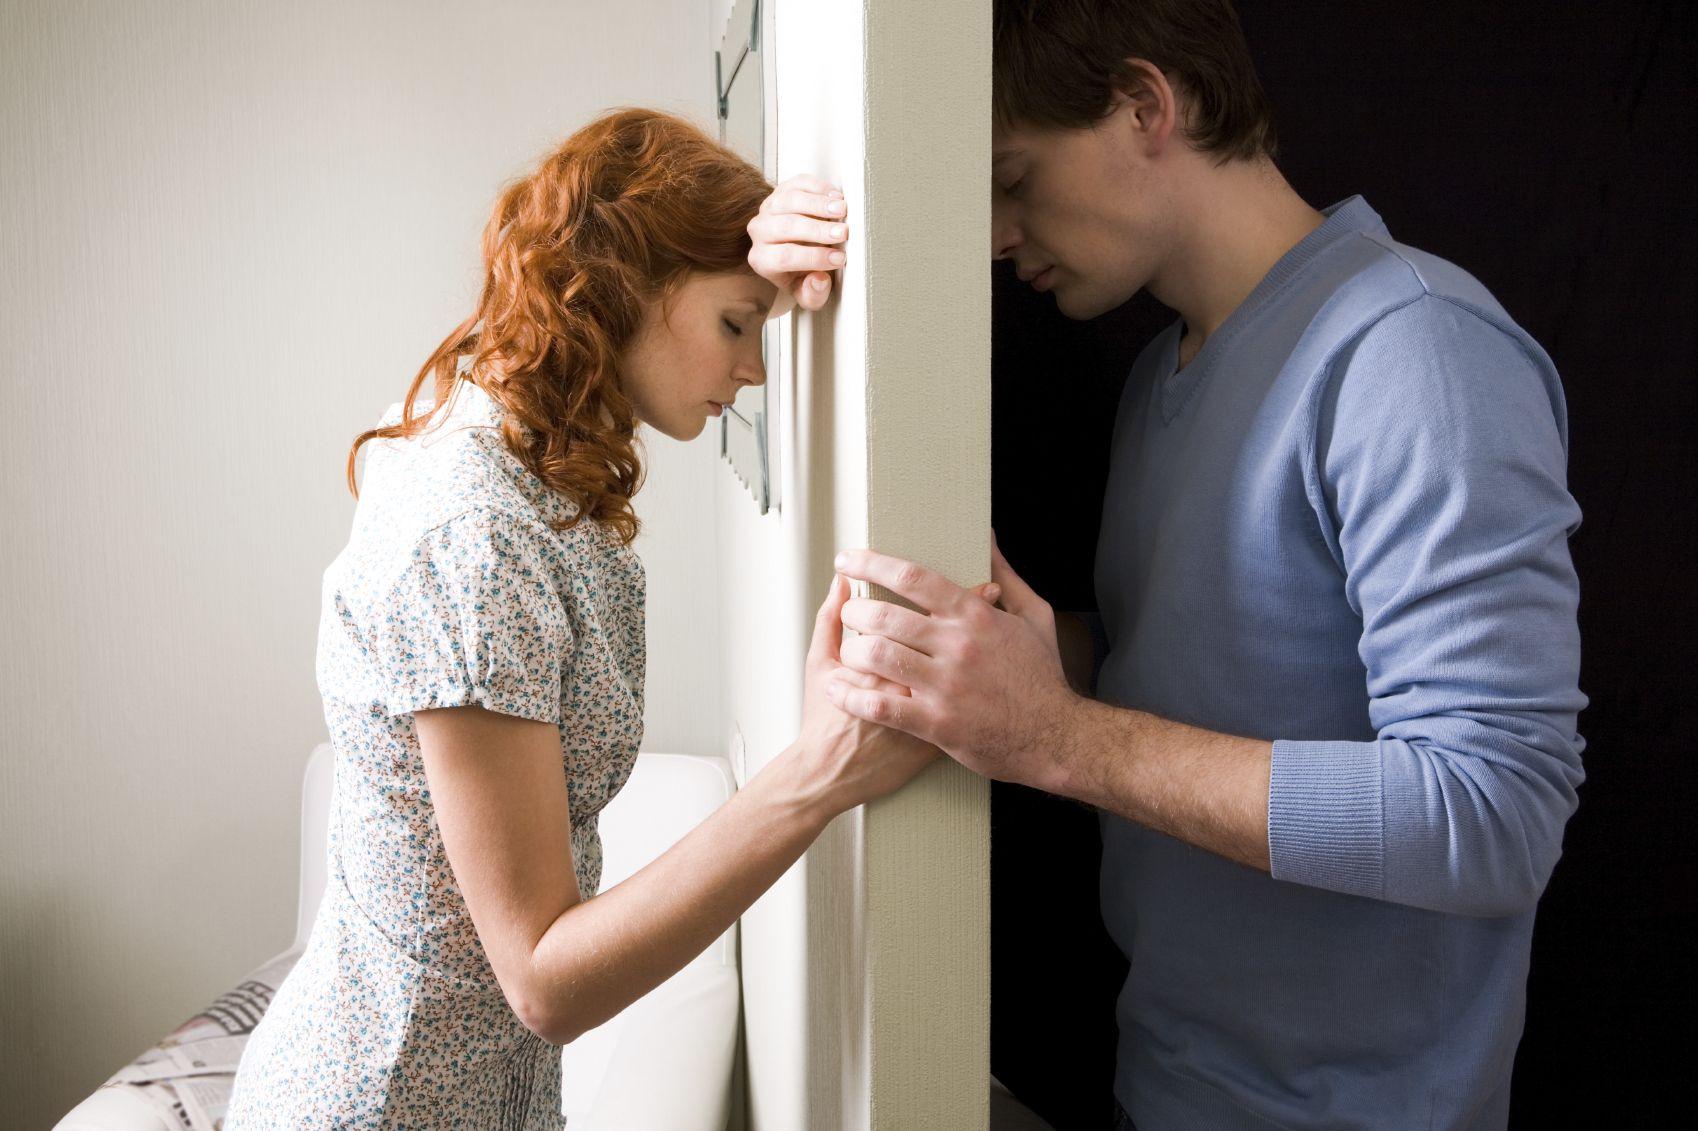 Perdonare un tradimento fa stare meglio. Buonismo? No, scienza